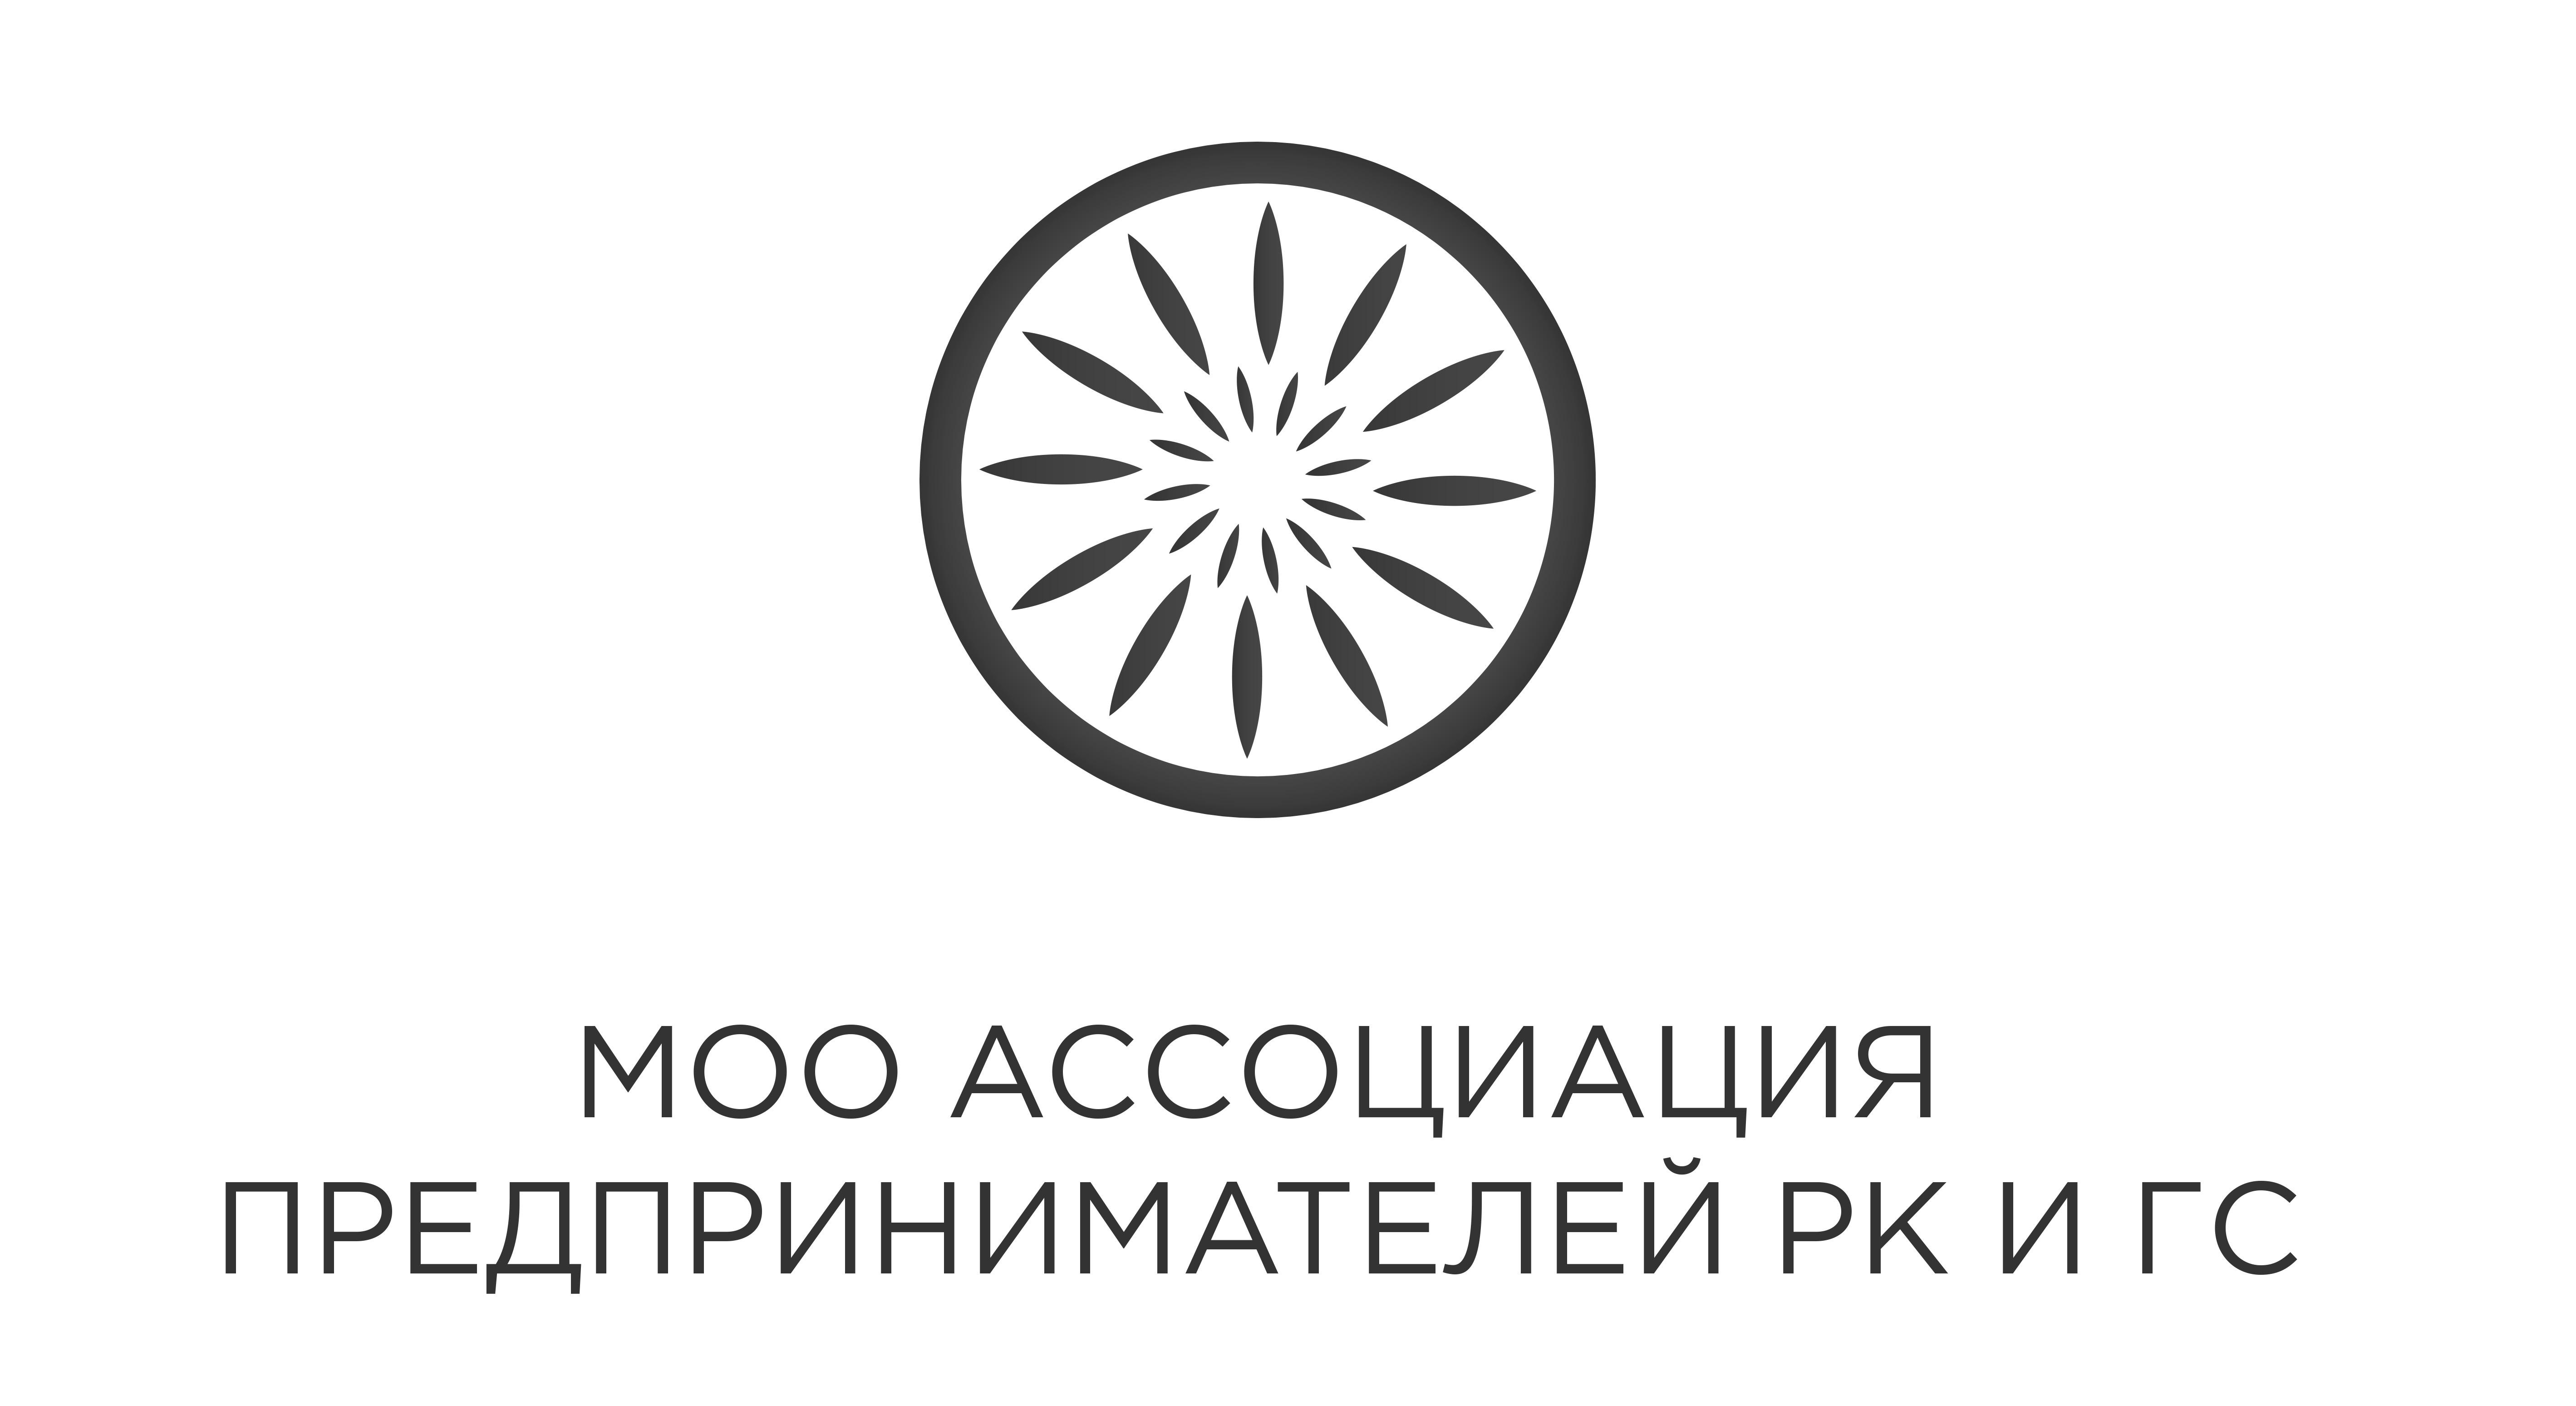 LOGOЧБ 2 - Точки Успеха. Джанкой